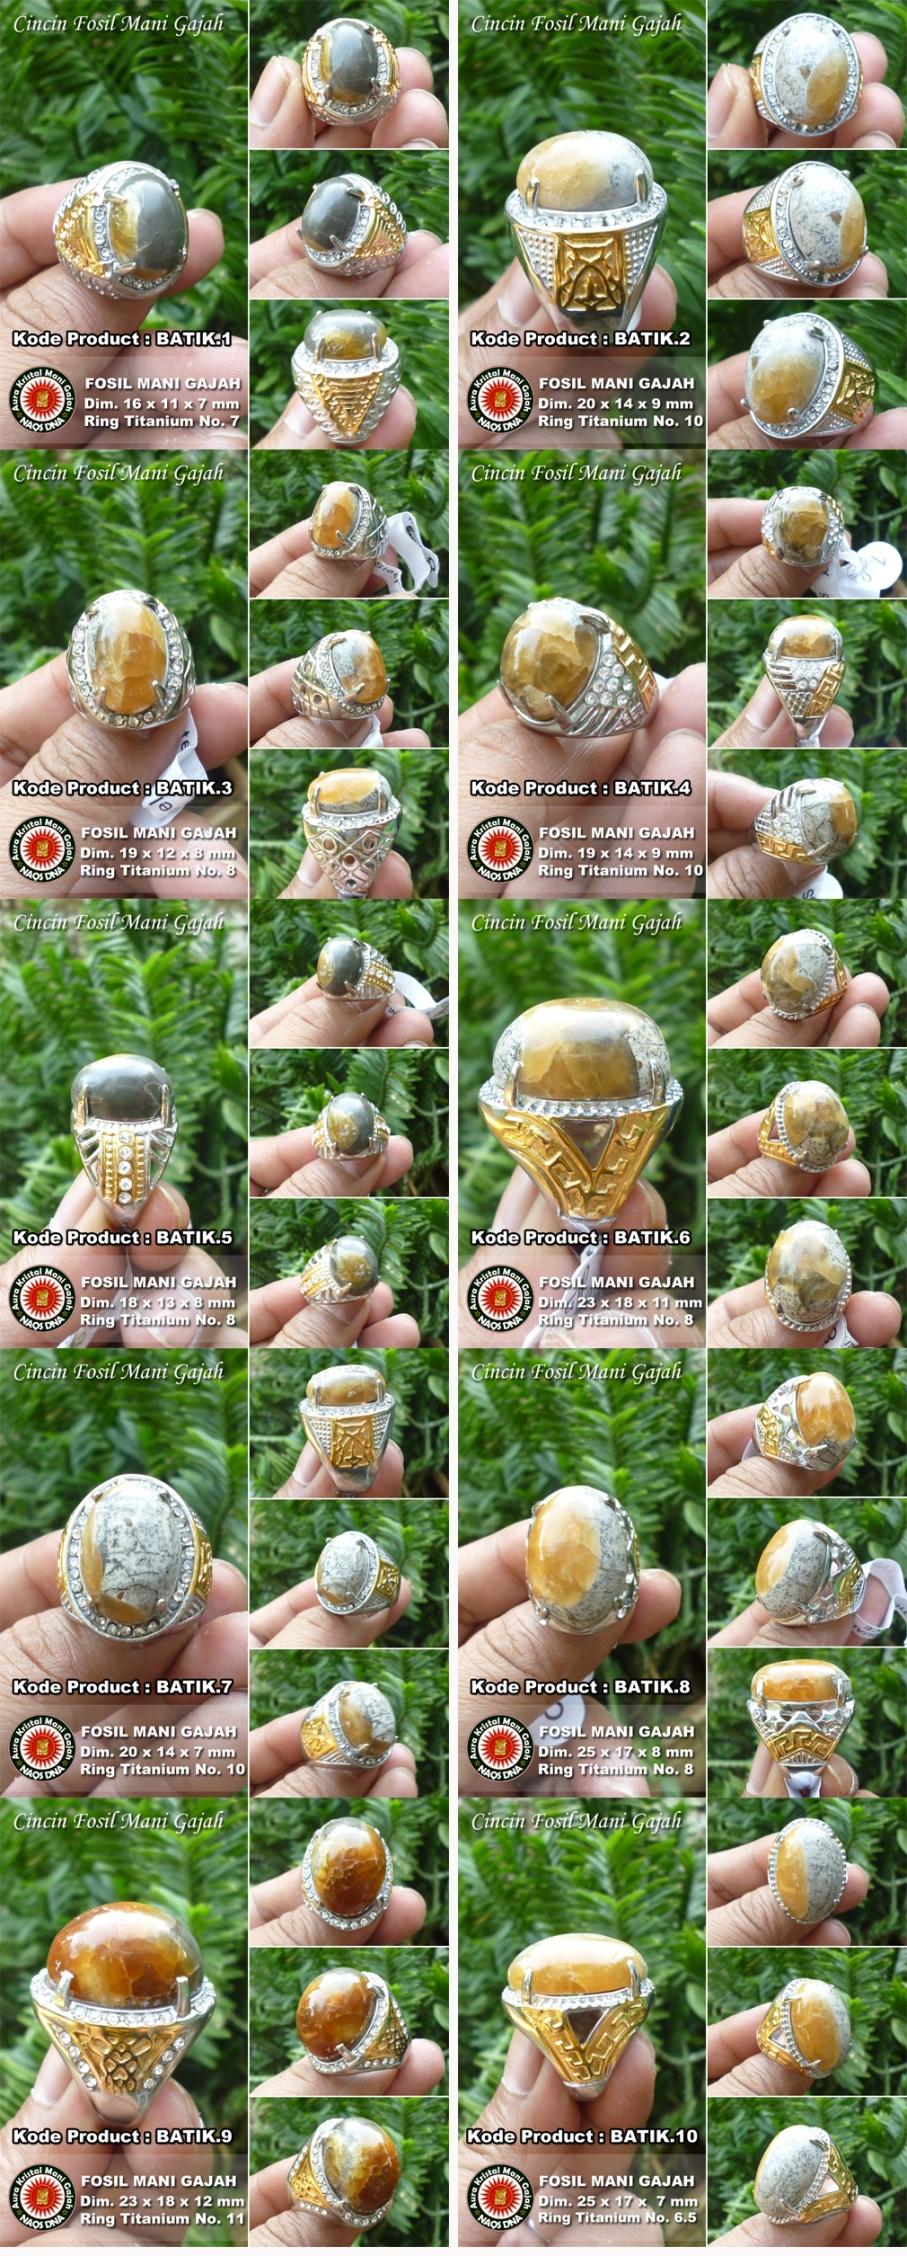 Cincin Fosil Mani Gajah Batik collage